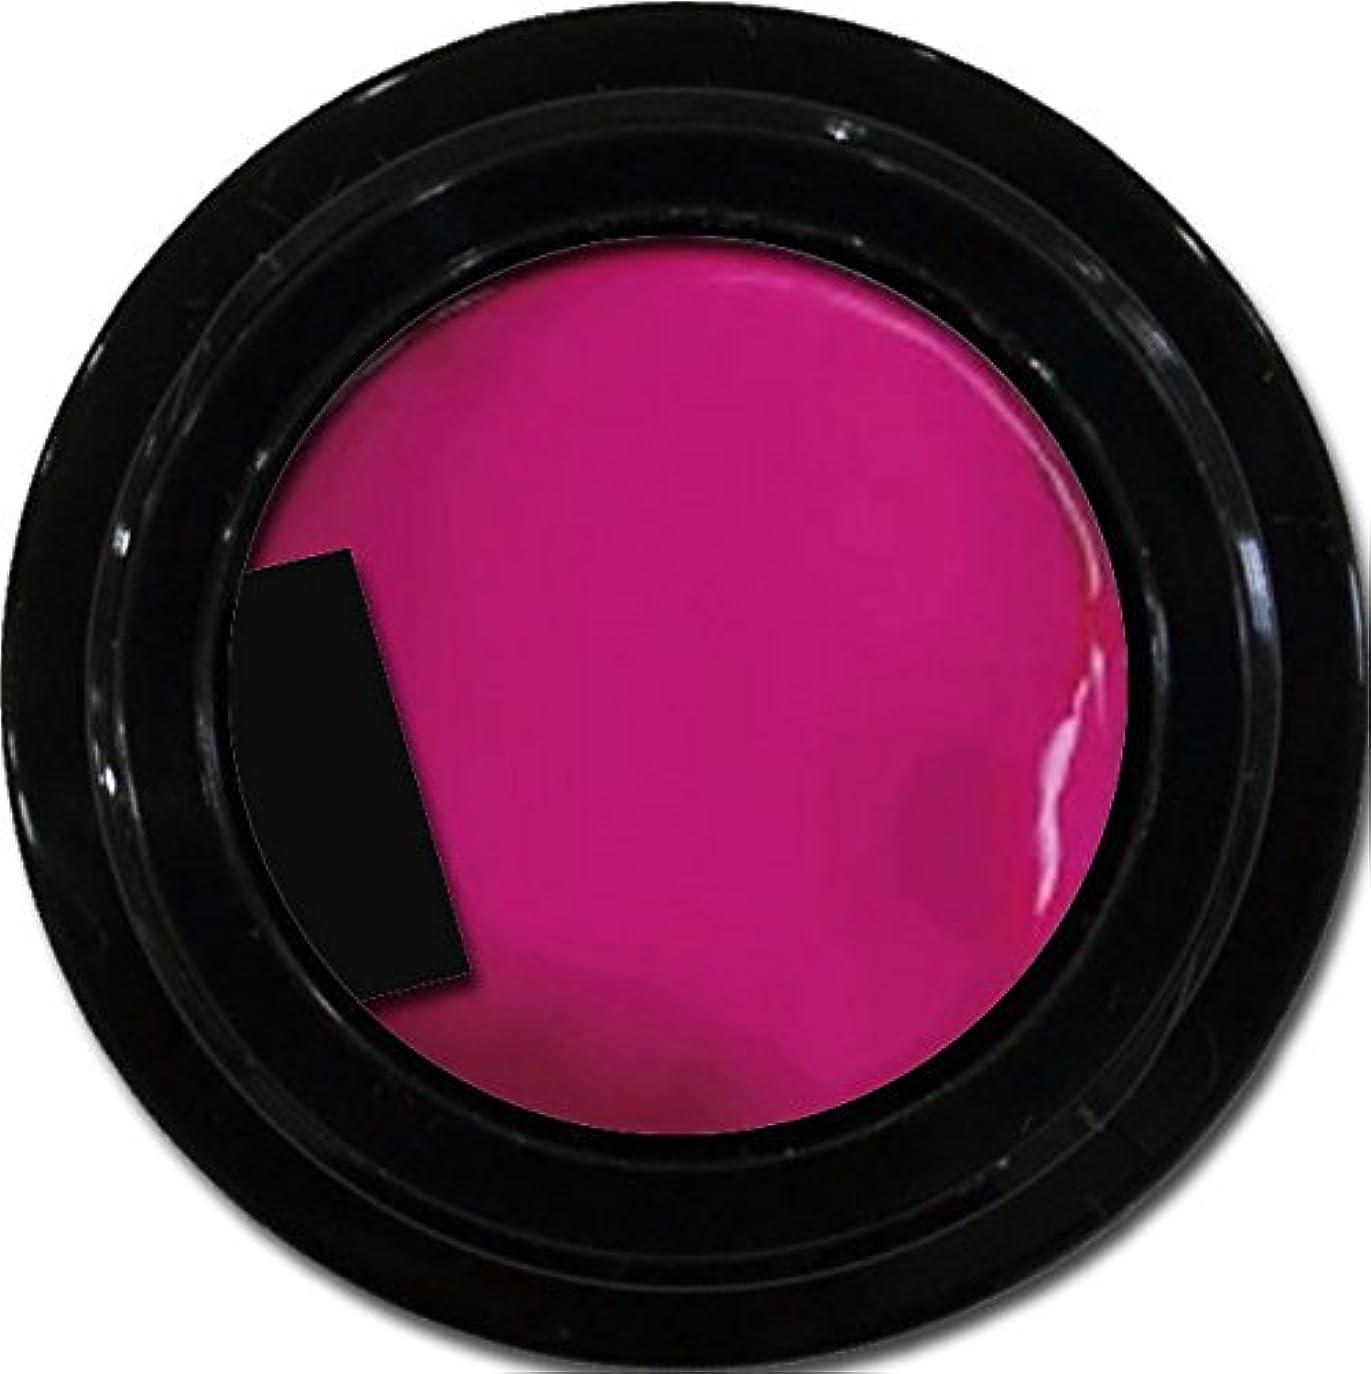 トンネル統合する不公平カラージェル enchant color gel M214 NeoPink 3g/ マットカラージェル M214 ネオピンク 3グラム